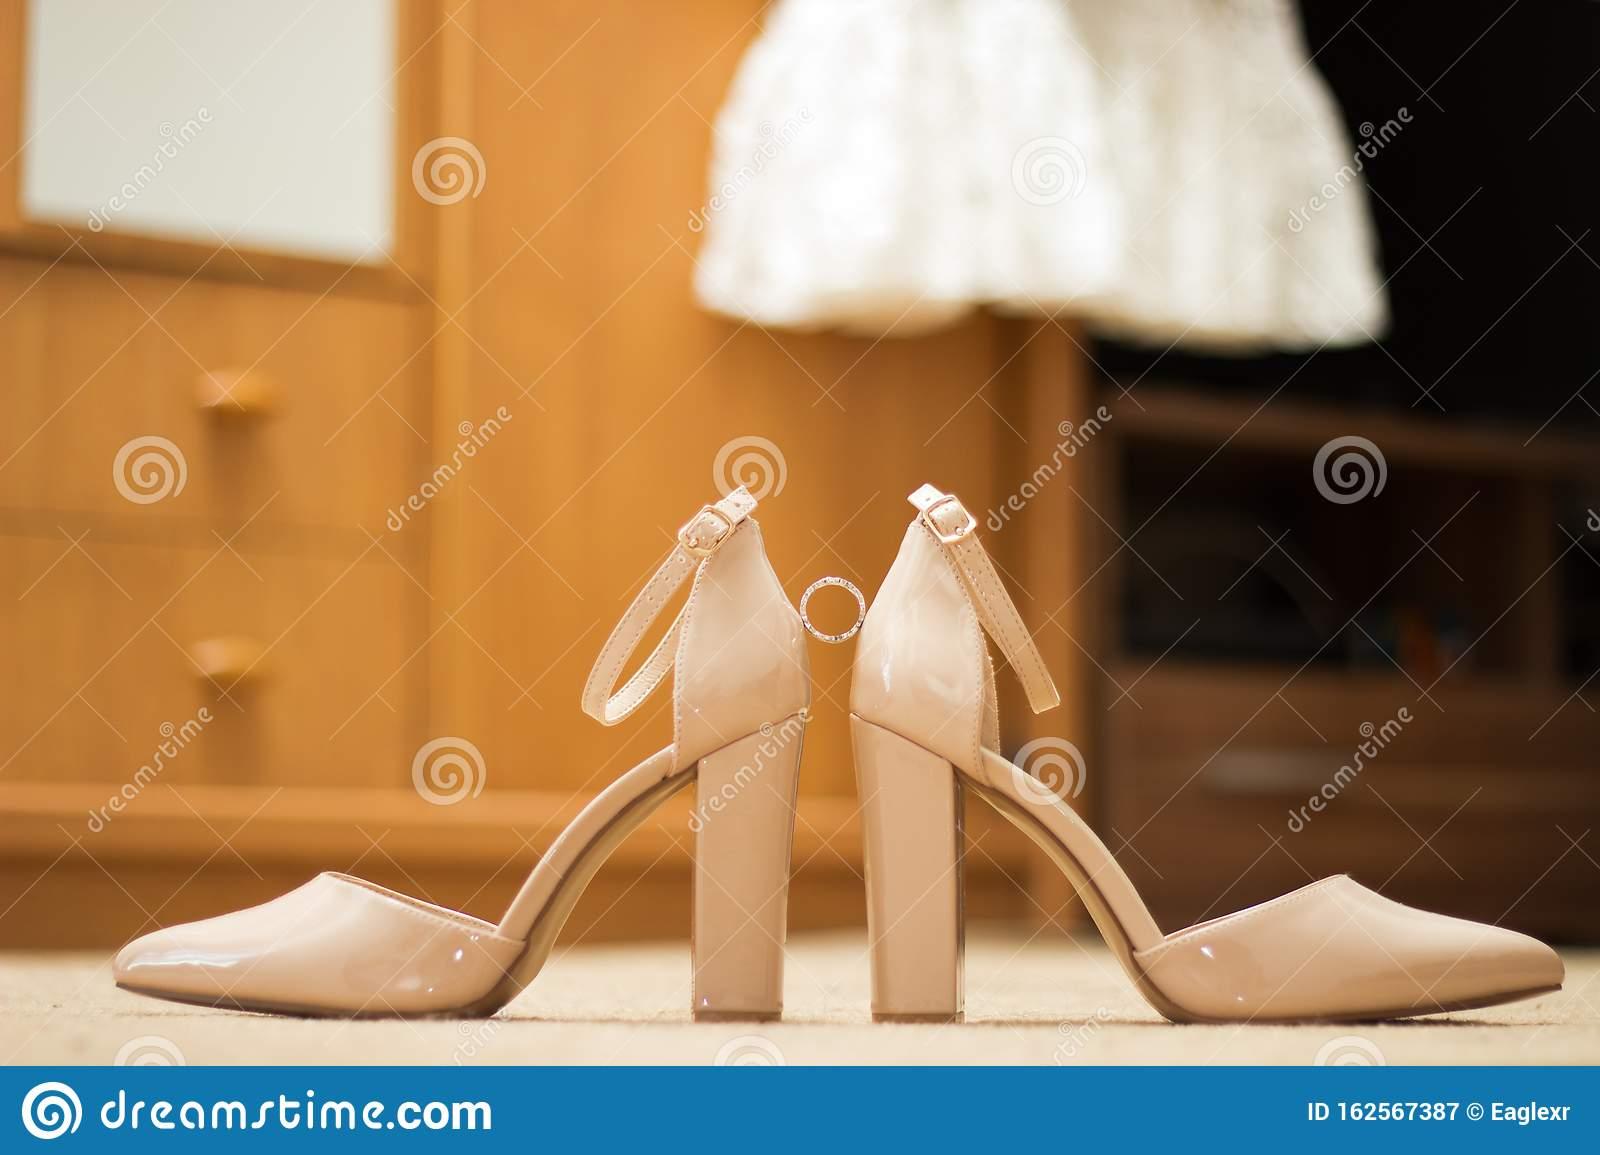 Sängskor för kvinnor